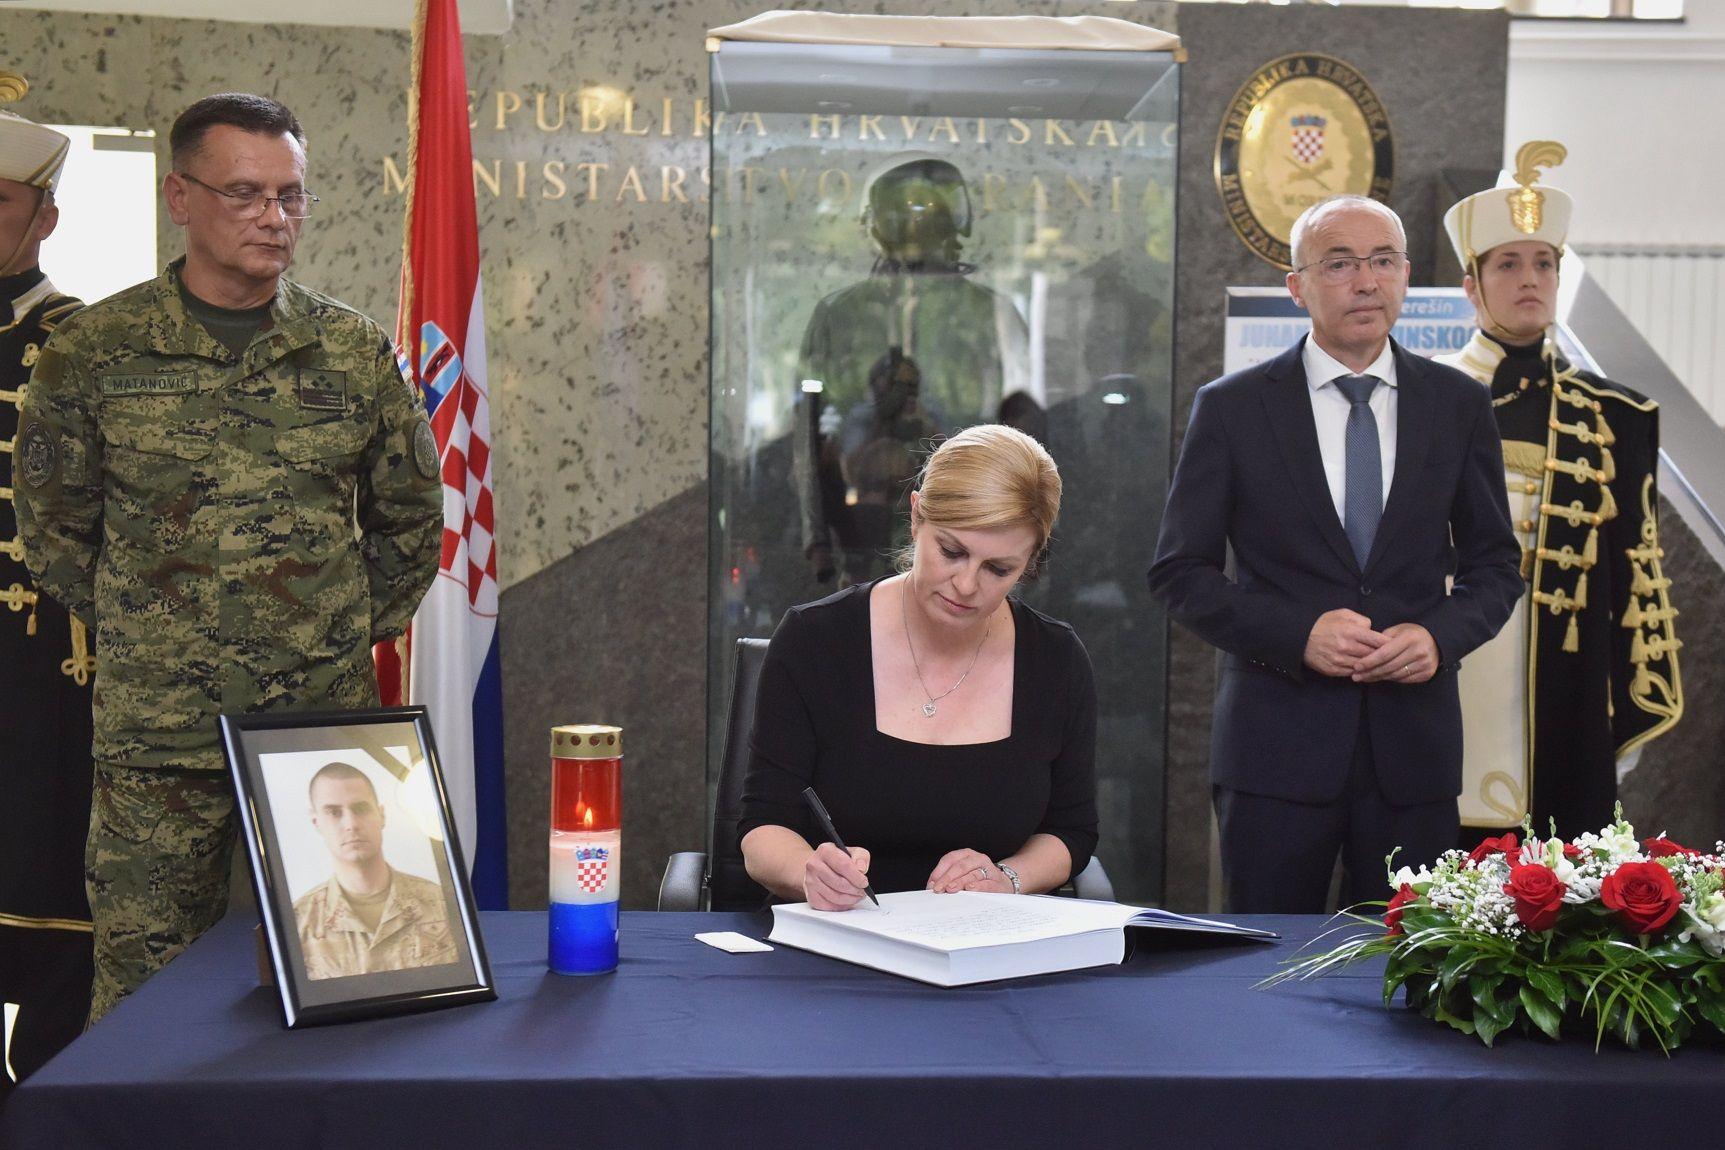 """Predsjednica Grabar-Kitarović upisala se u knjigu žalosti za vojnika Josipa Briškog: """"tvoja tragična smrt nenadoknadiv je gubitak za tvoju obitelj, našu hrvatsku vojsku i cijelu domovinu"""""""